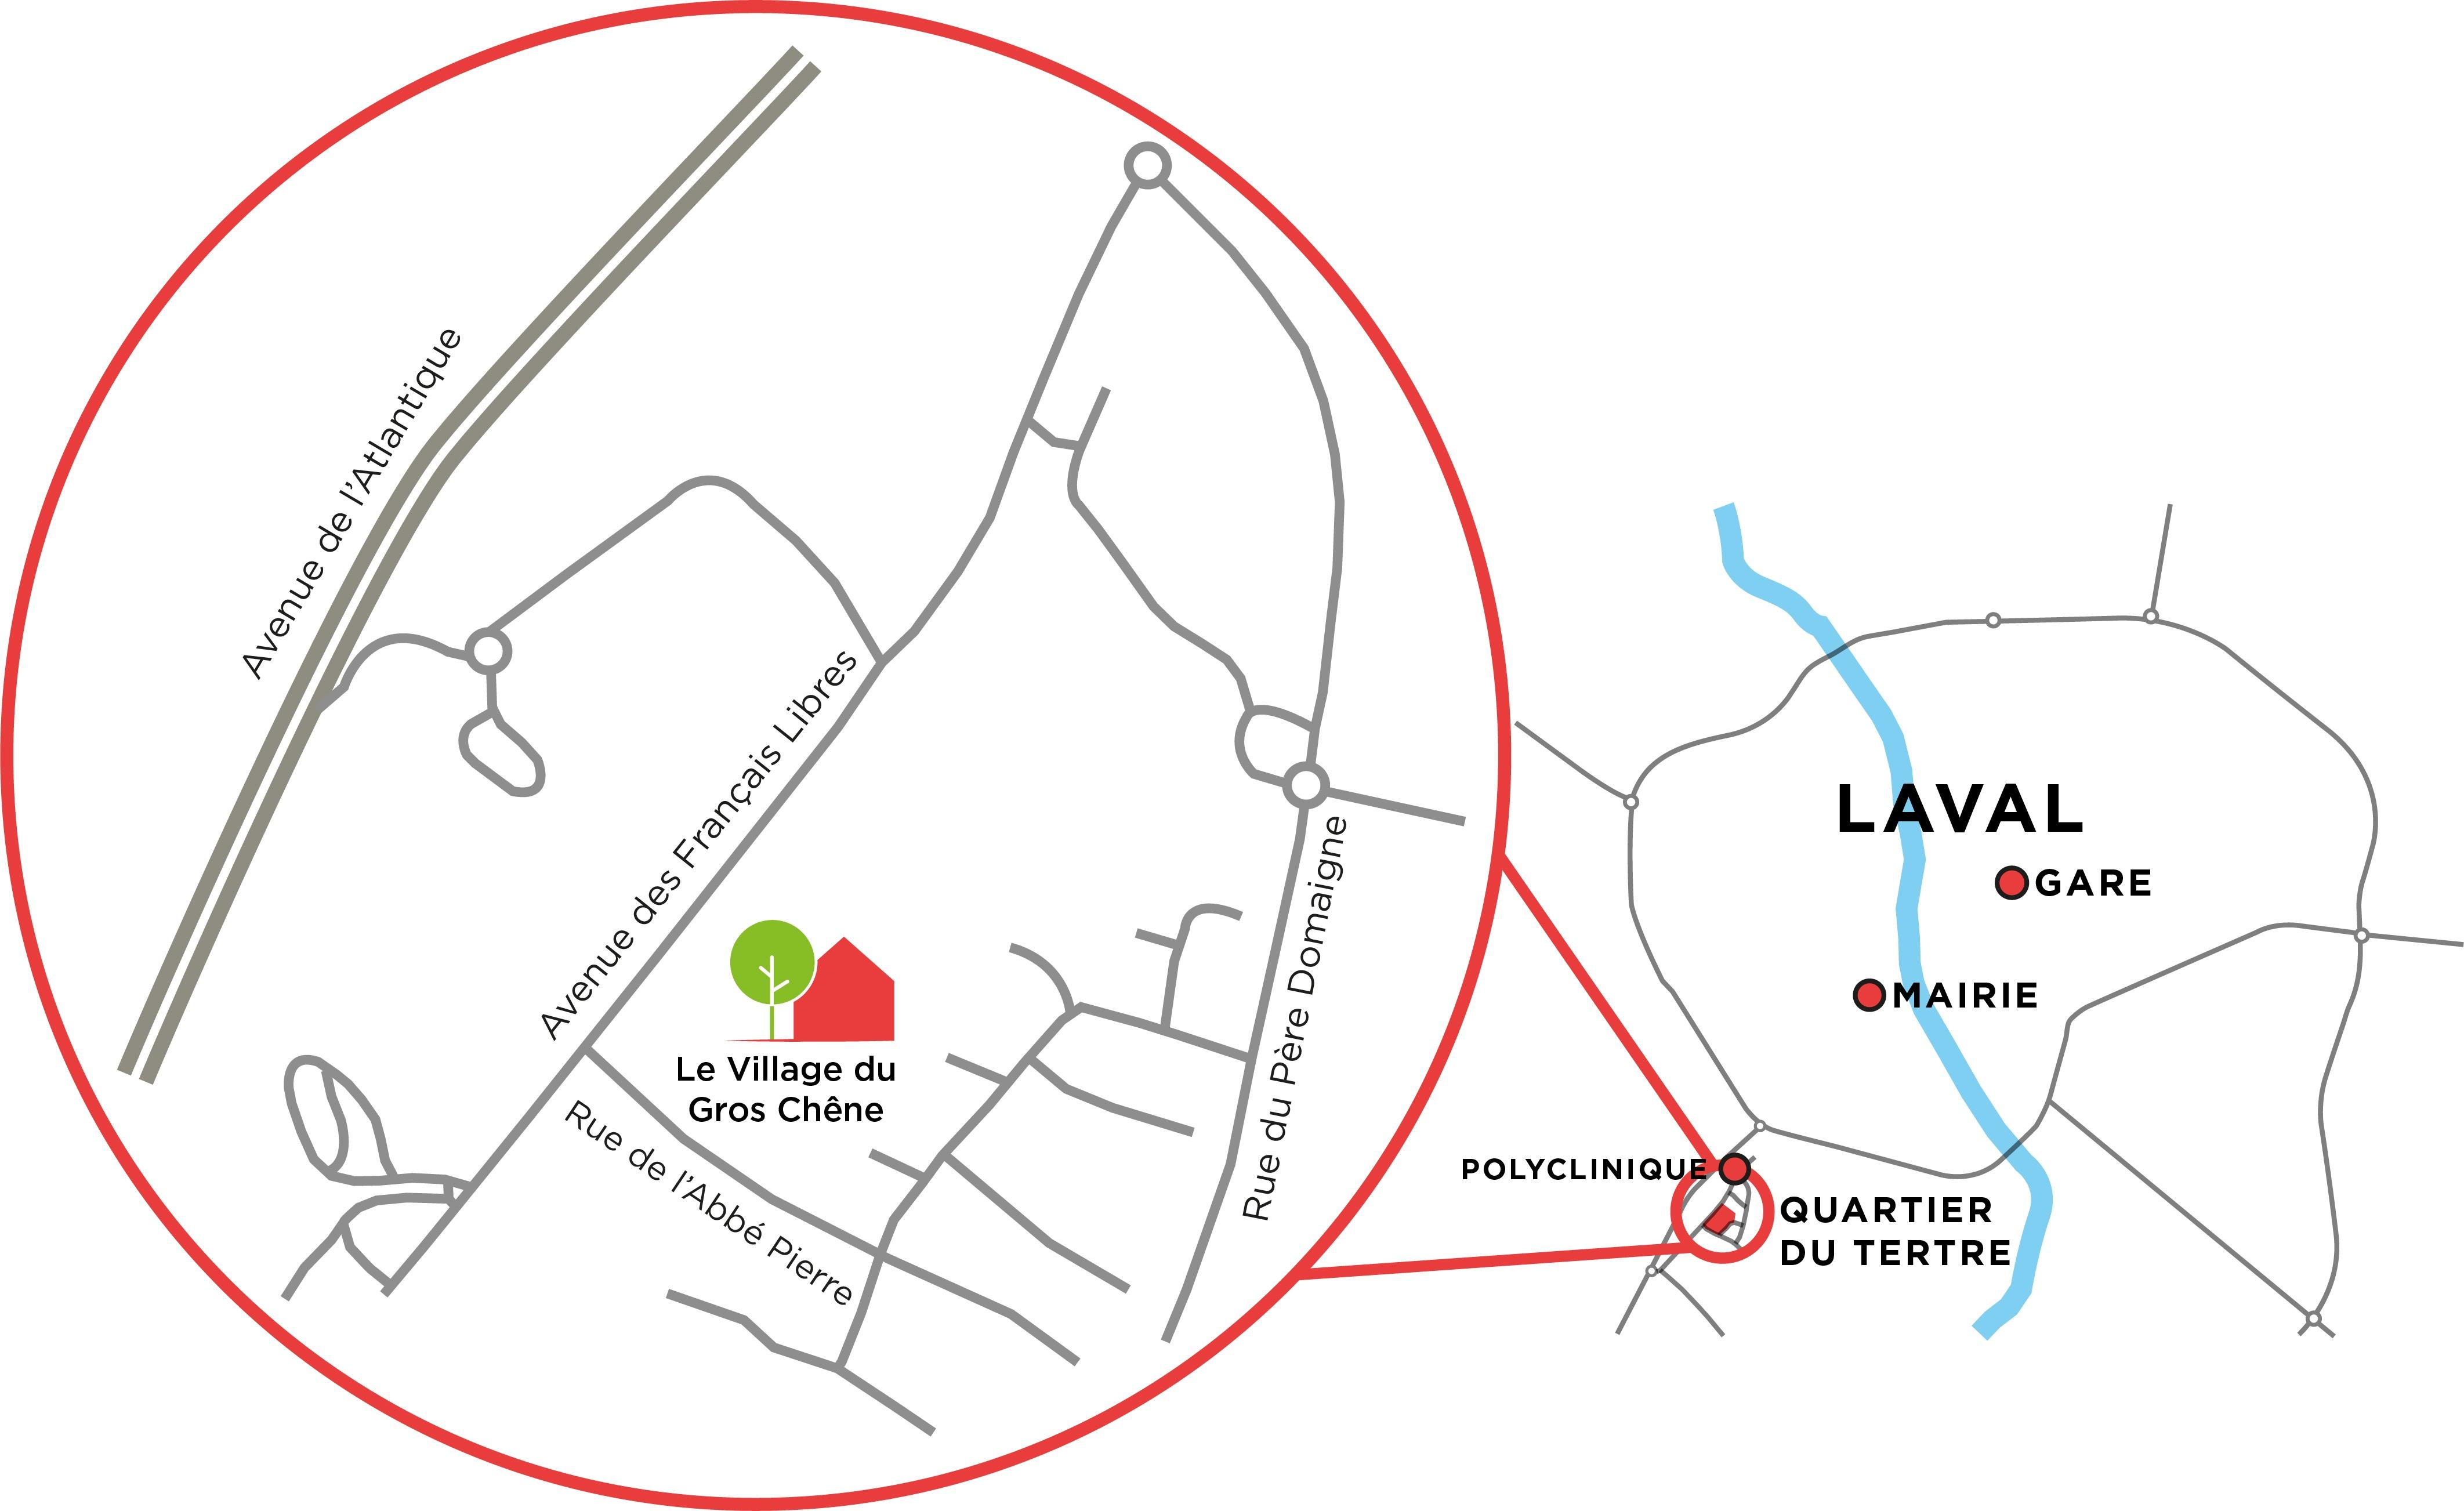 Plan d'accès Le Village du Gros Chêne à Laval